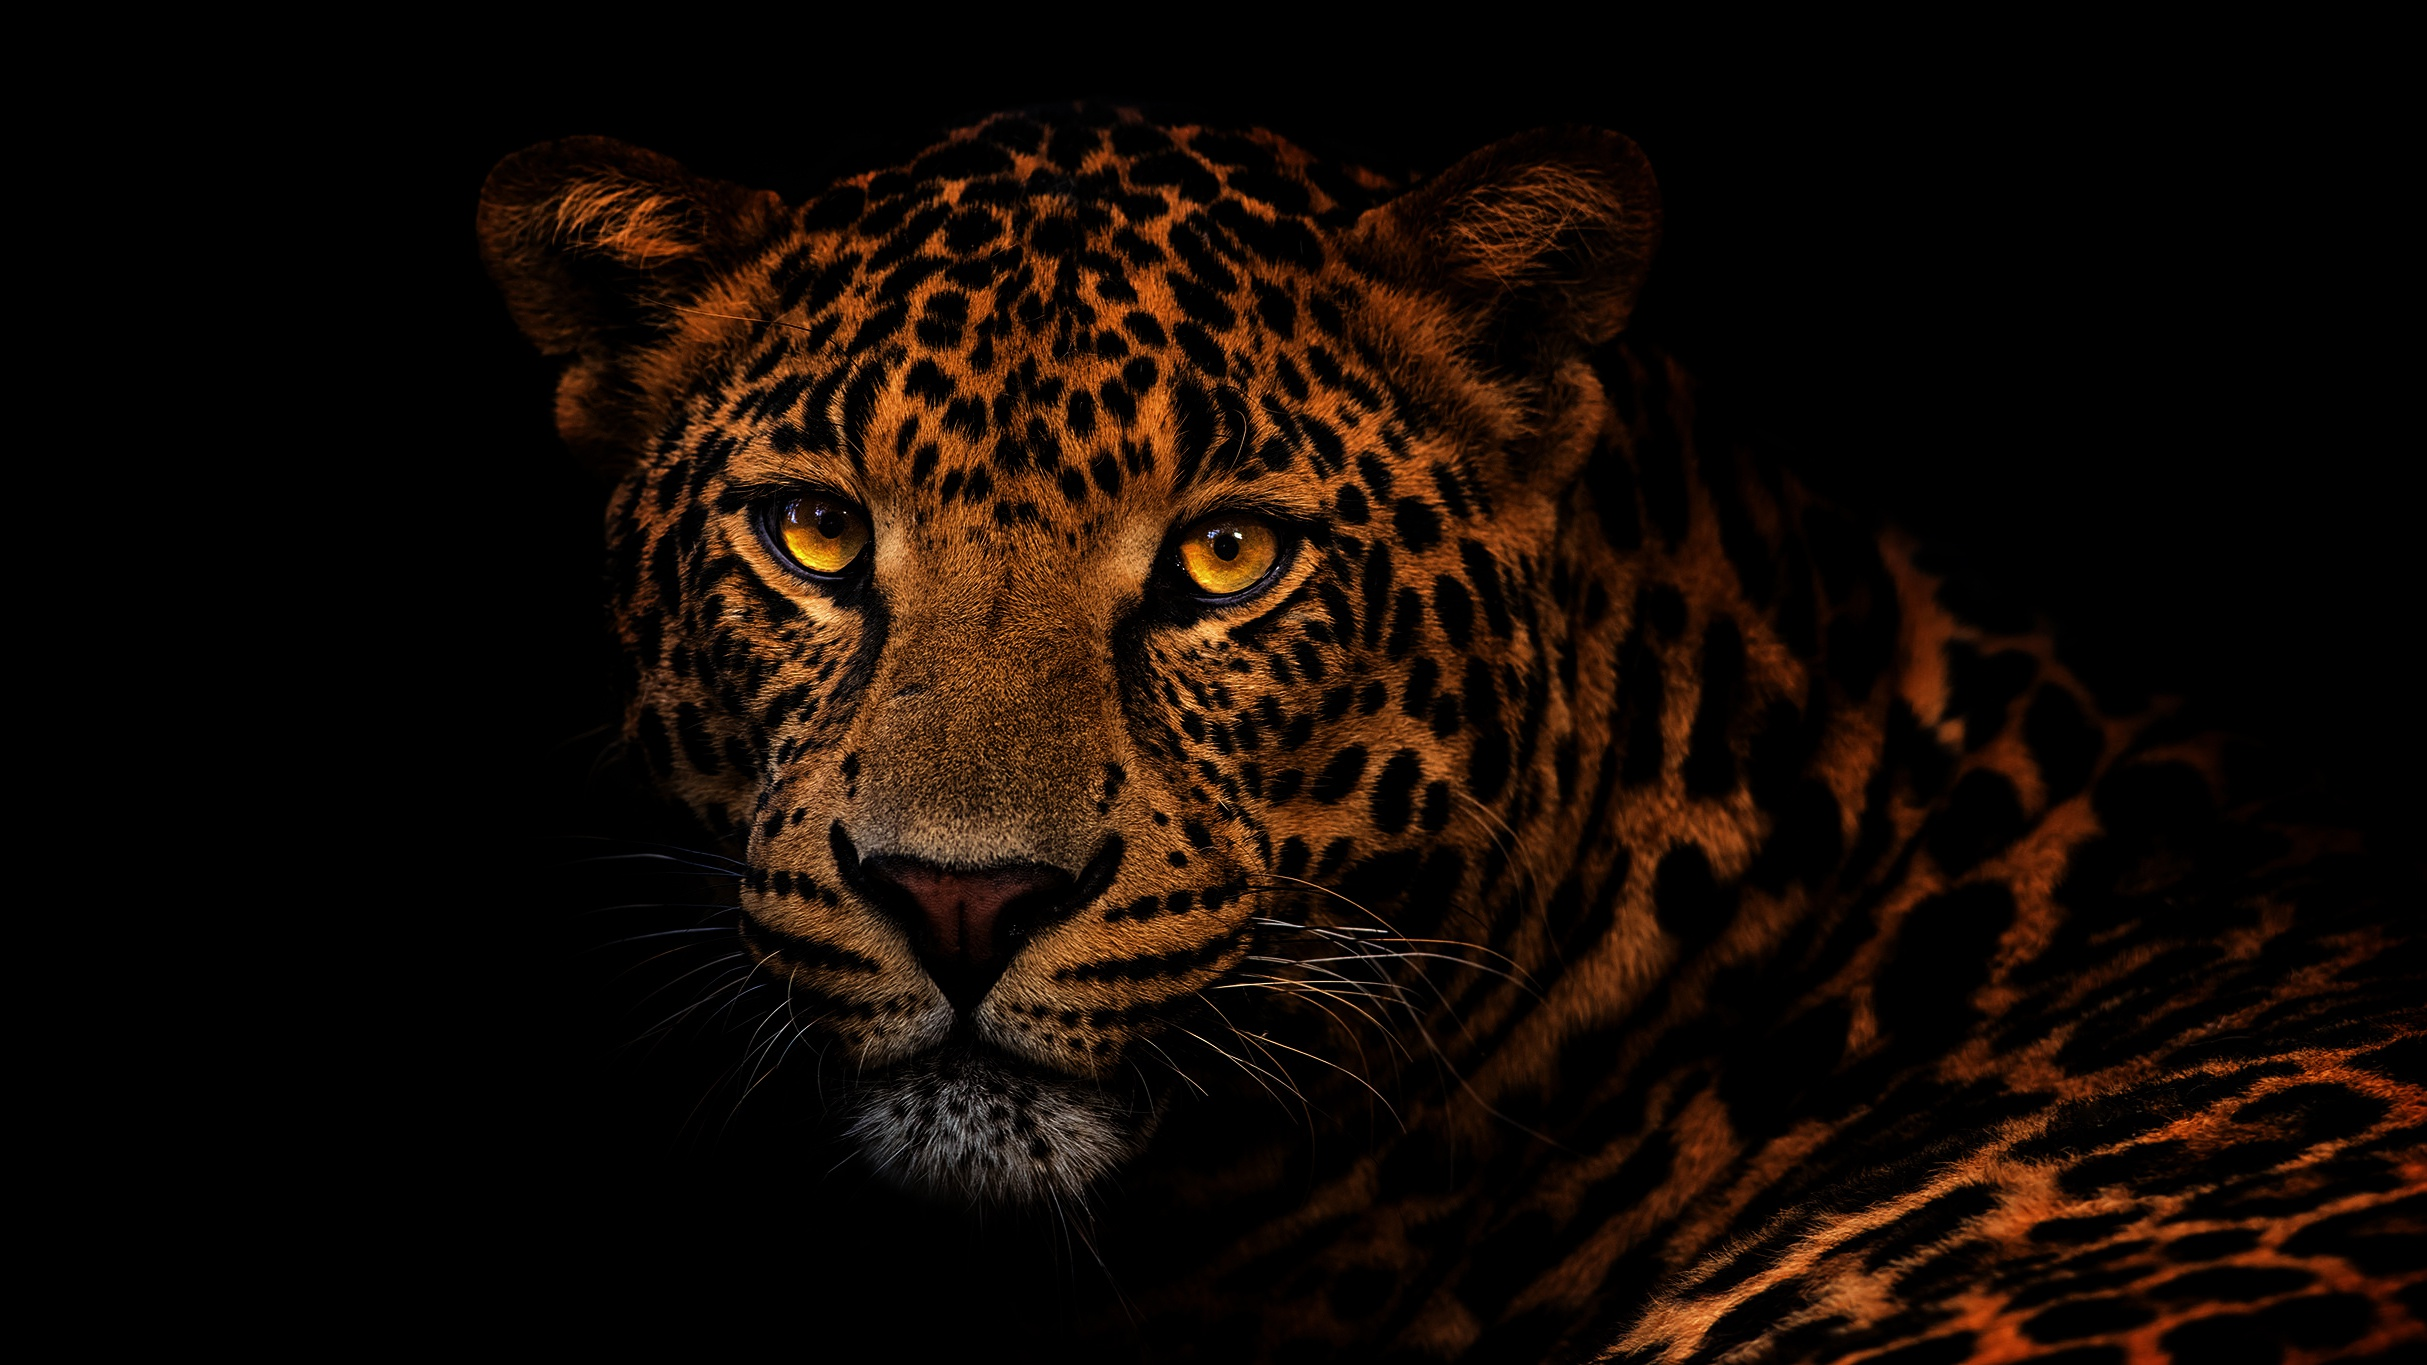 картинки леопарды с черным фоном трёхкомнатную квартиру подай